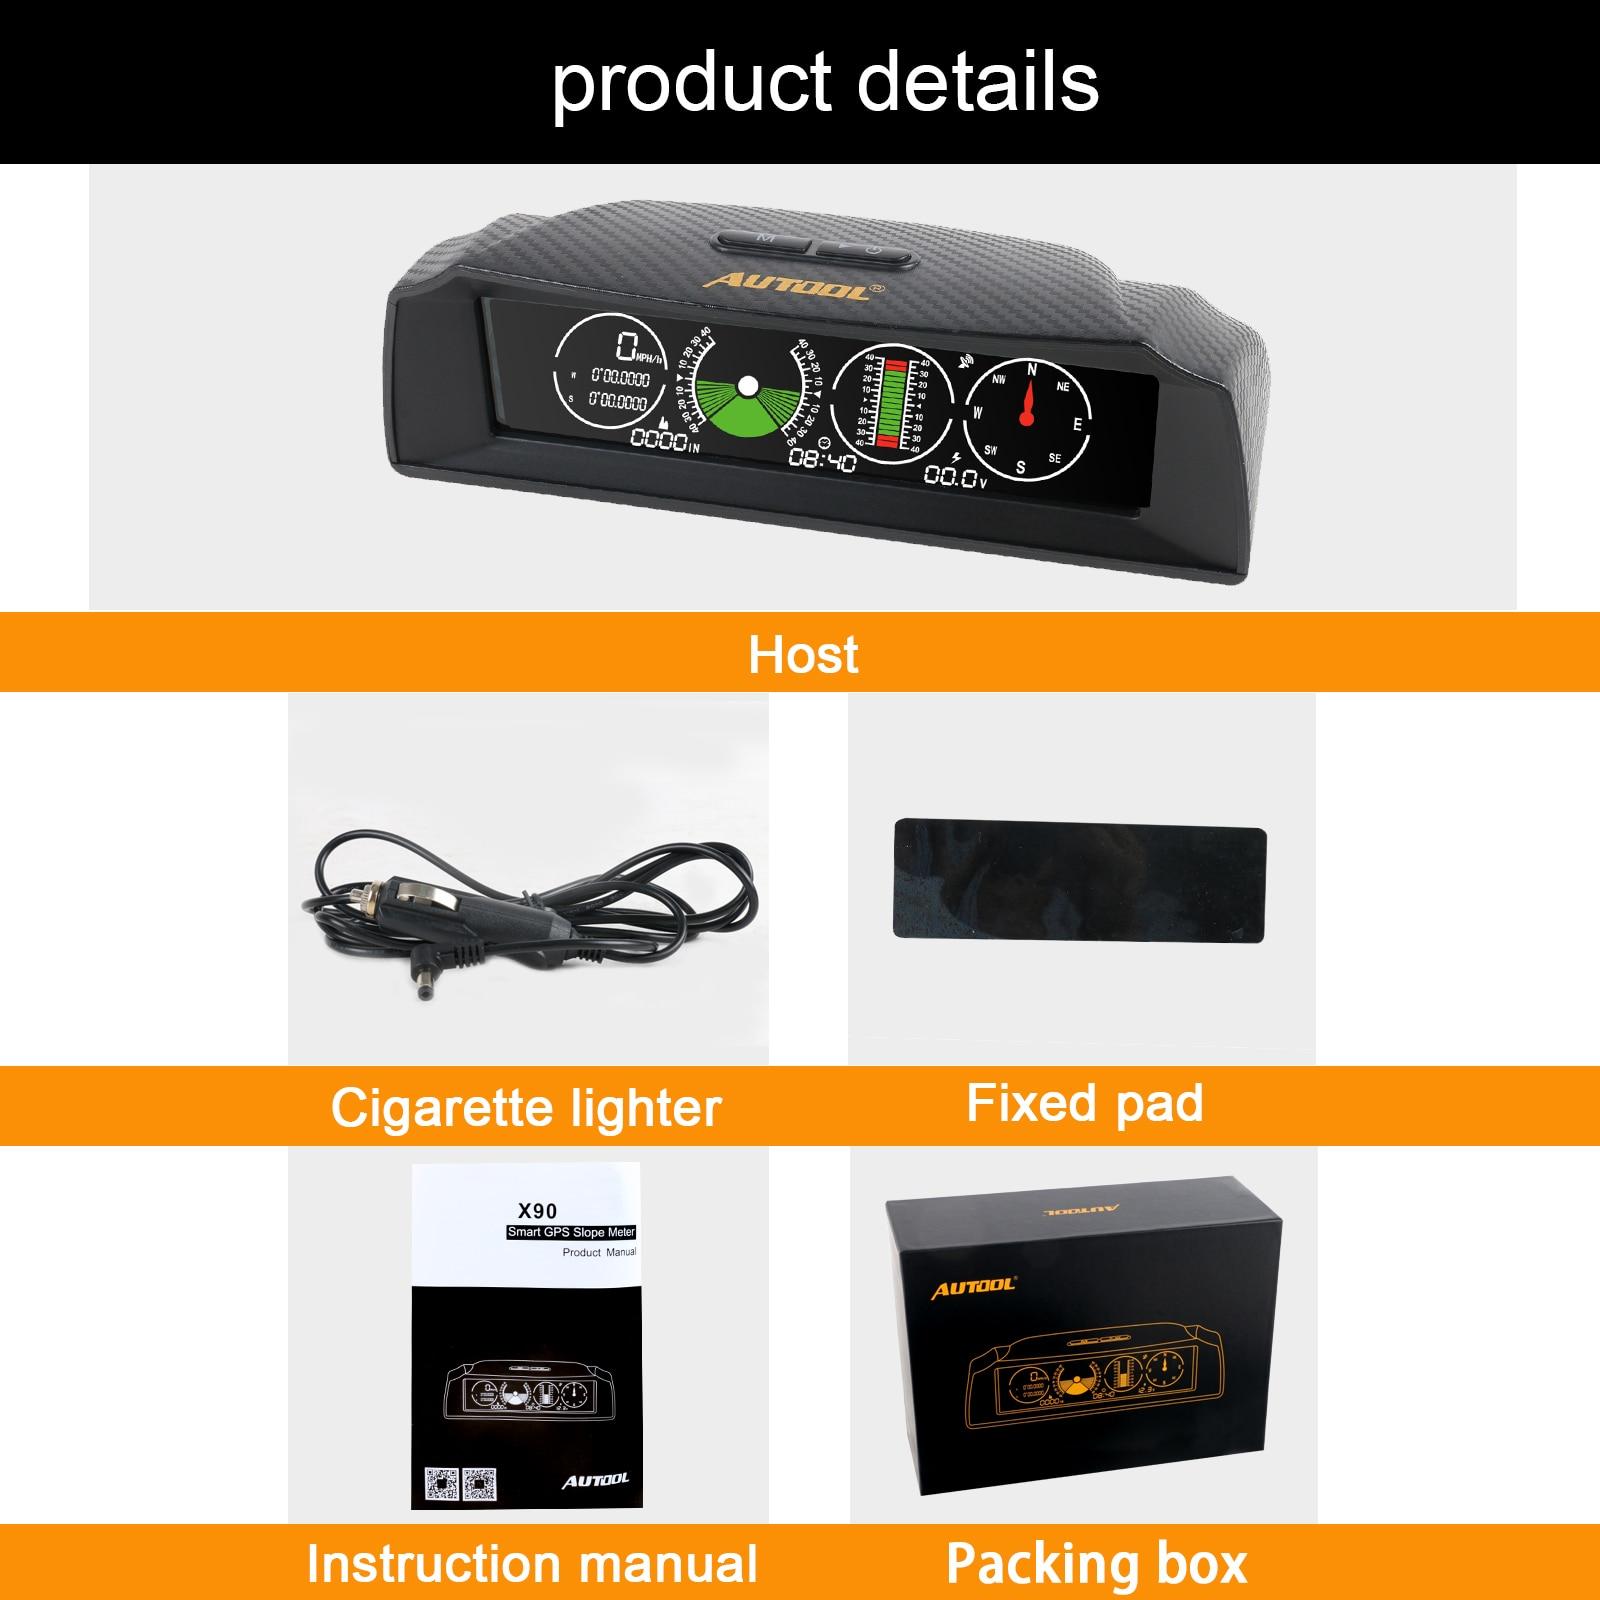 Limpiaparabrisas 2 unidades, 650 mm y 550 mm Bosch 3397001539 Twin 539